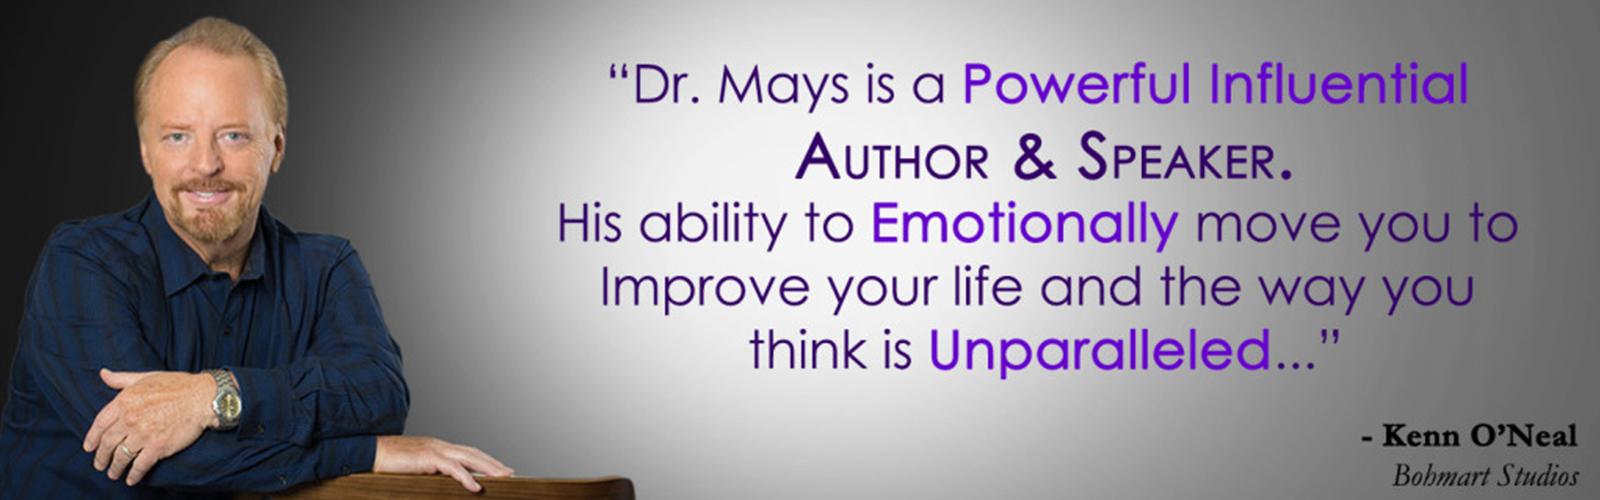 Meet Dr. Mays | Author, Speaker, Teacher, Hypnotherapist, Chiropractor